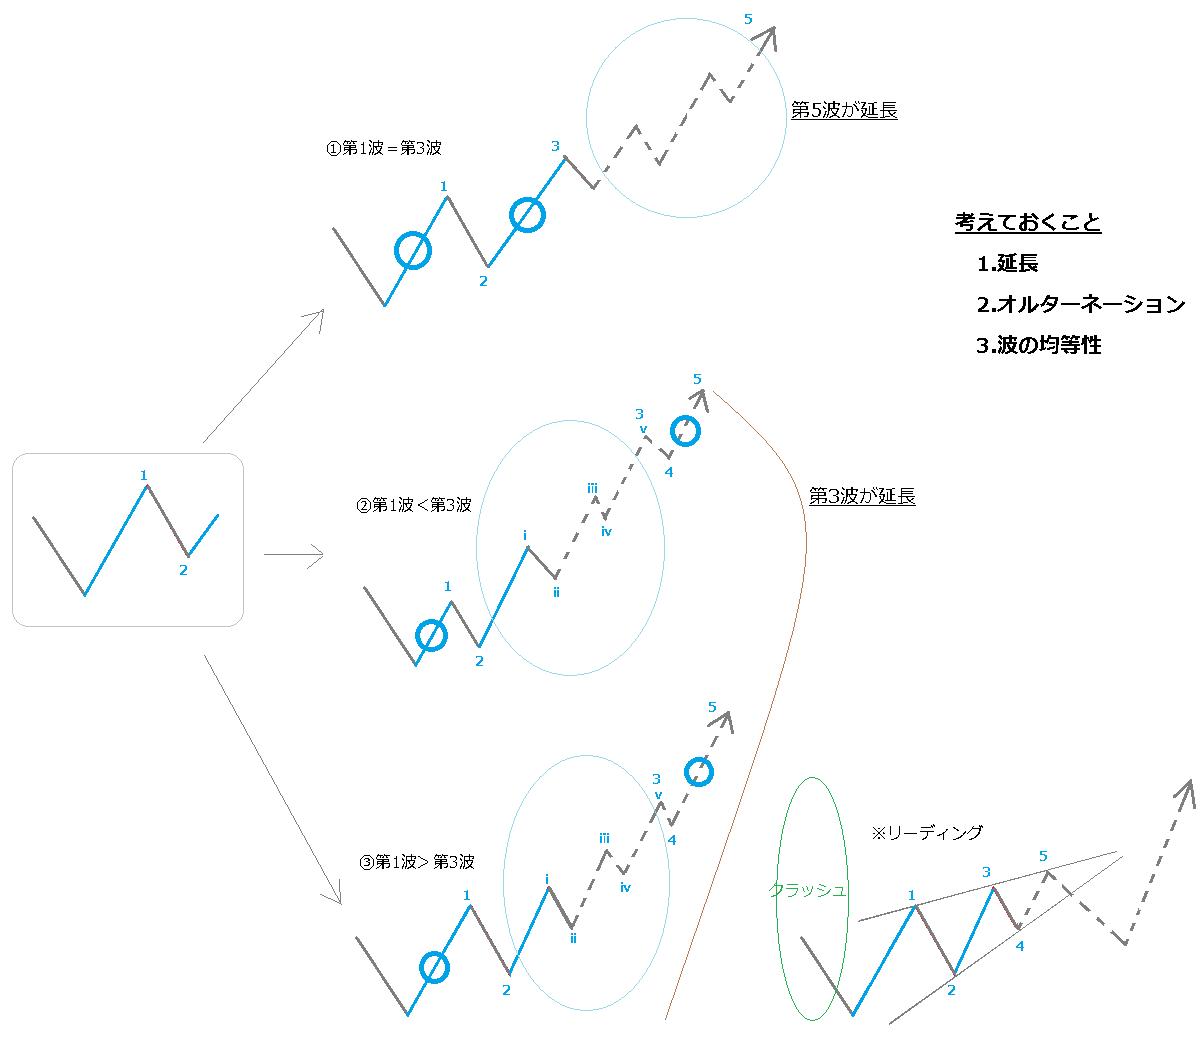 第1波と第3波の関係